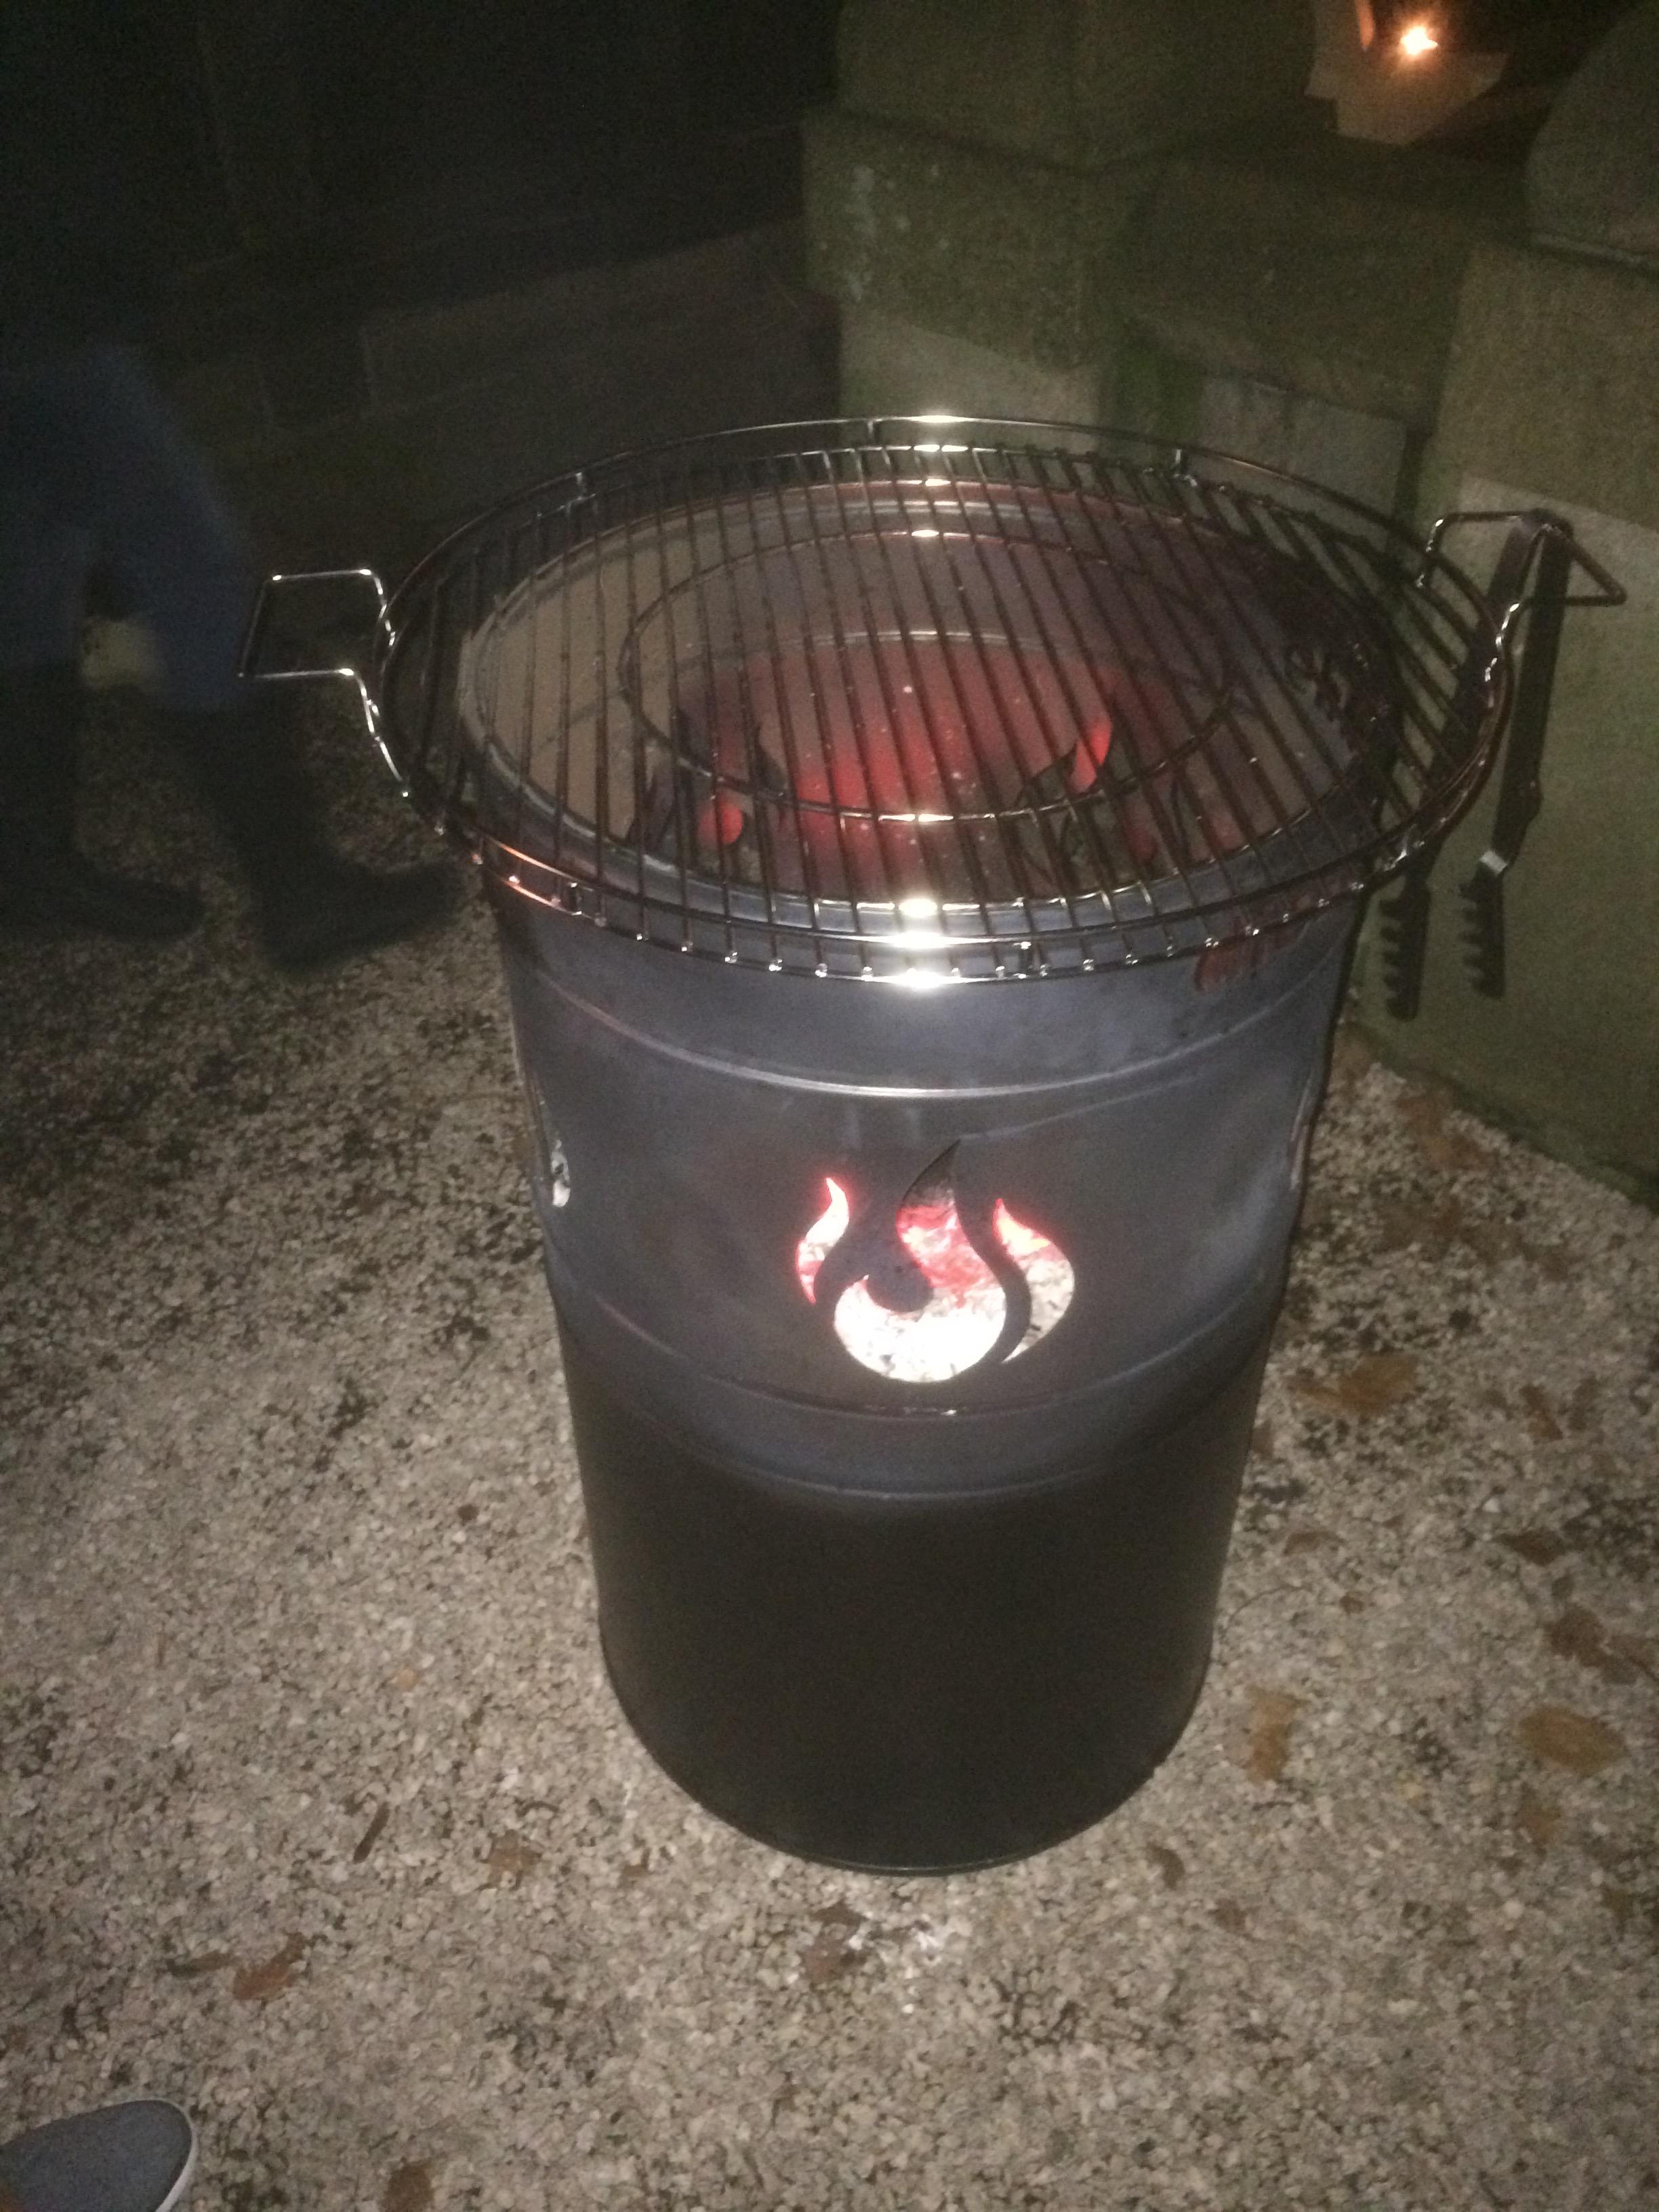 Stahlbude Feuerfass mit Grillrost und Grillzange